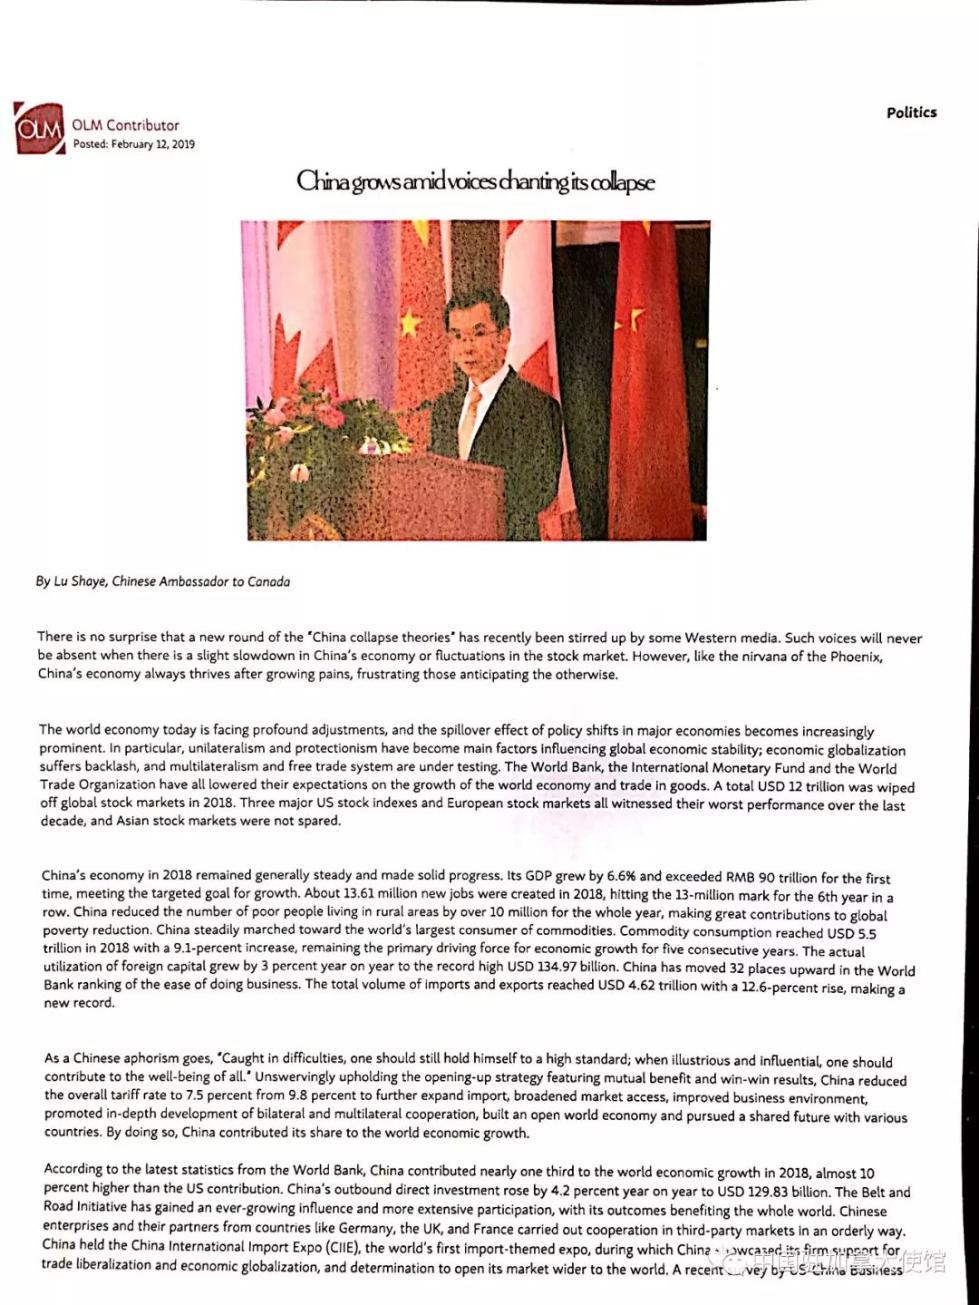 """西方媒体再炒""""中国崩溃论""""_驻加拿大大使批驳"""